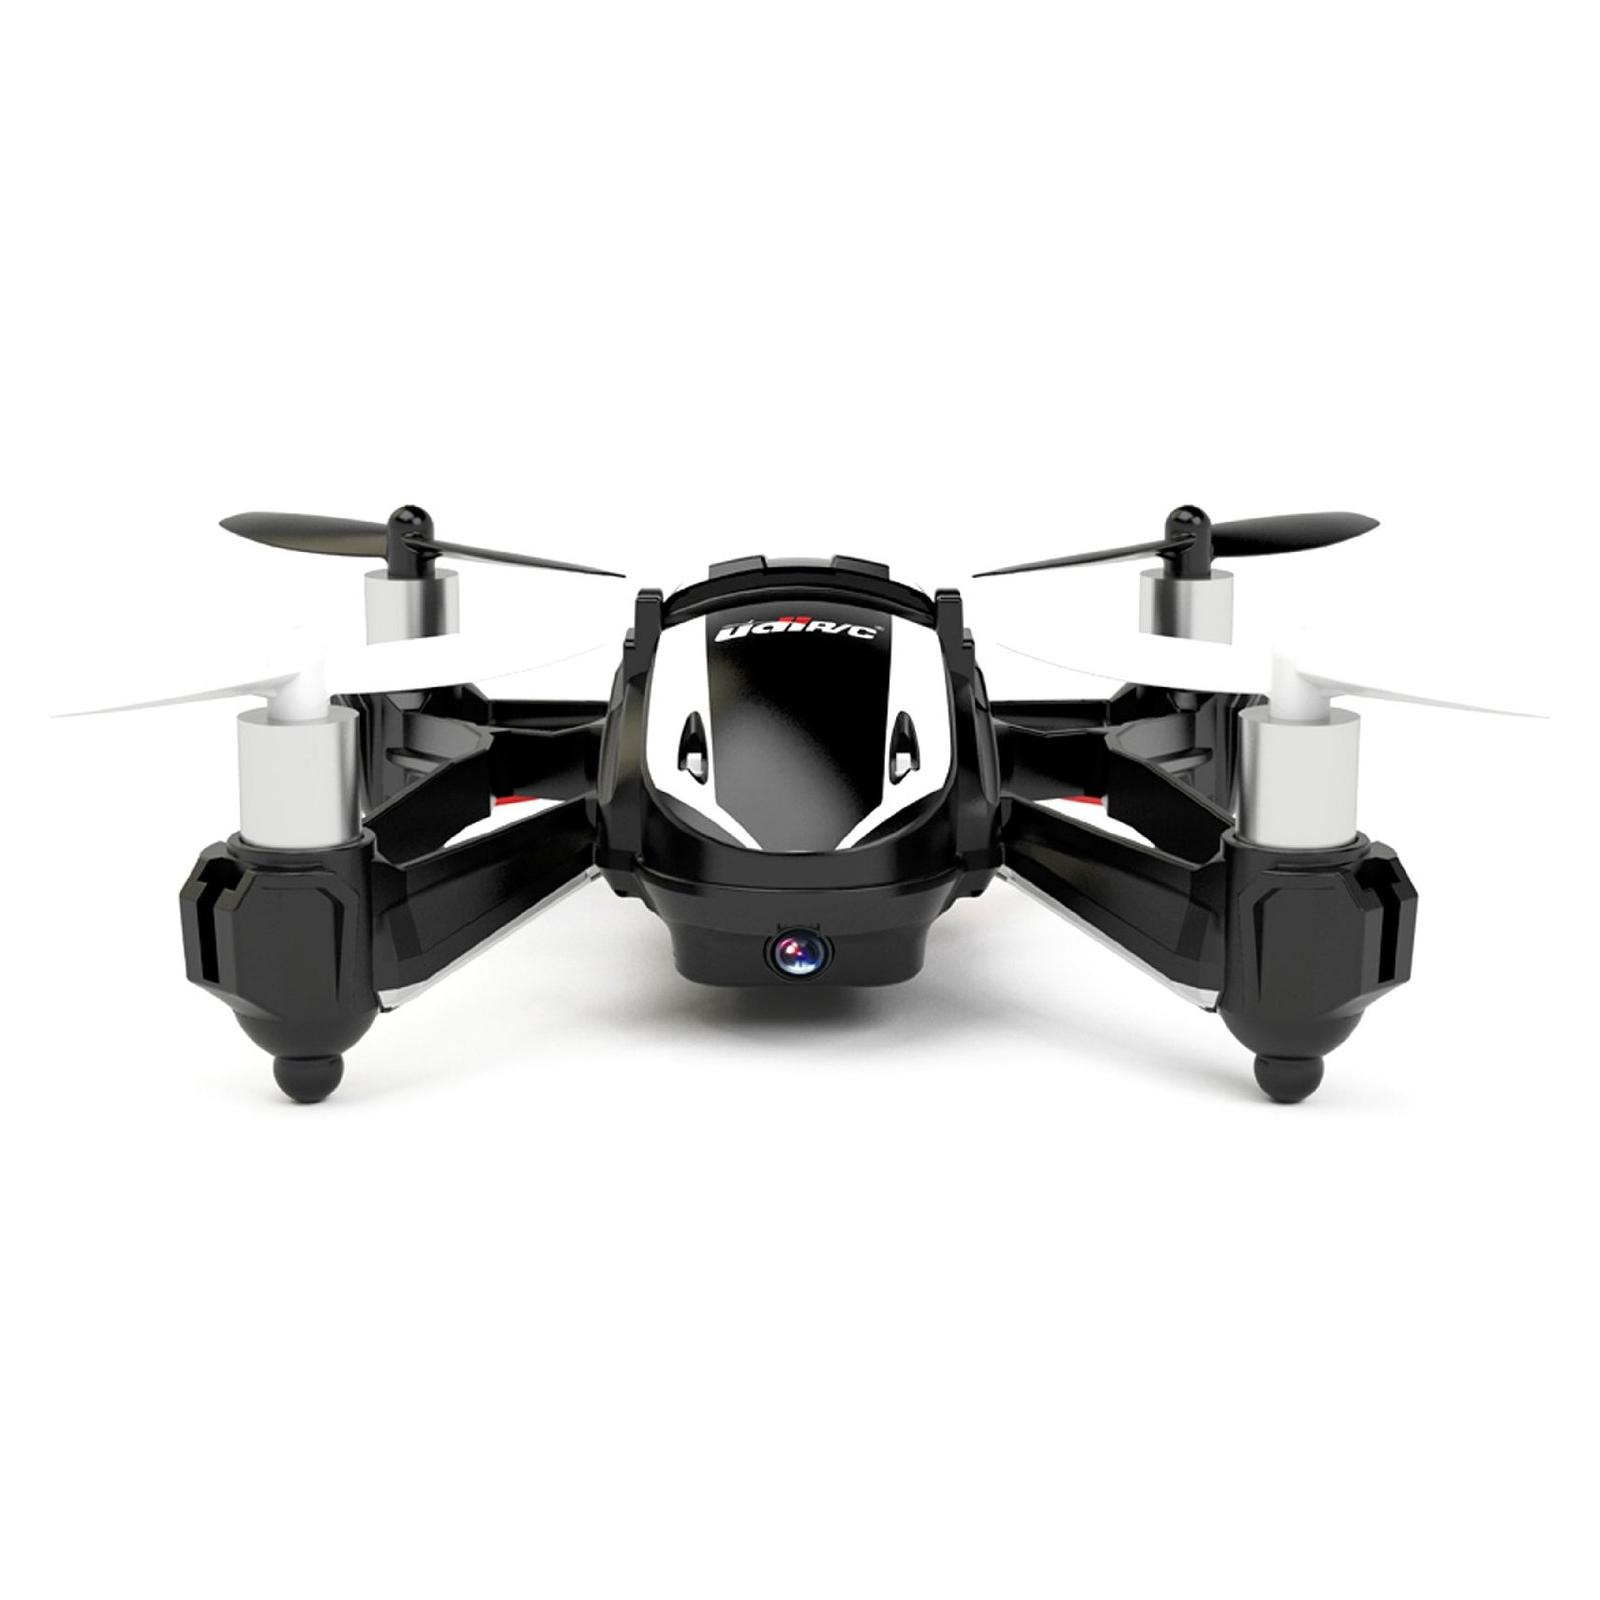 Квадрокоптер UDIRC U841 NANO RX4 3-в-12 125 мм HD камера (U841 Black) изображение 2